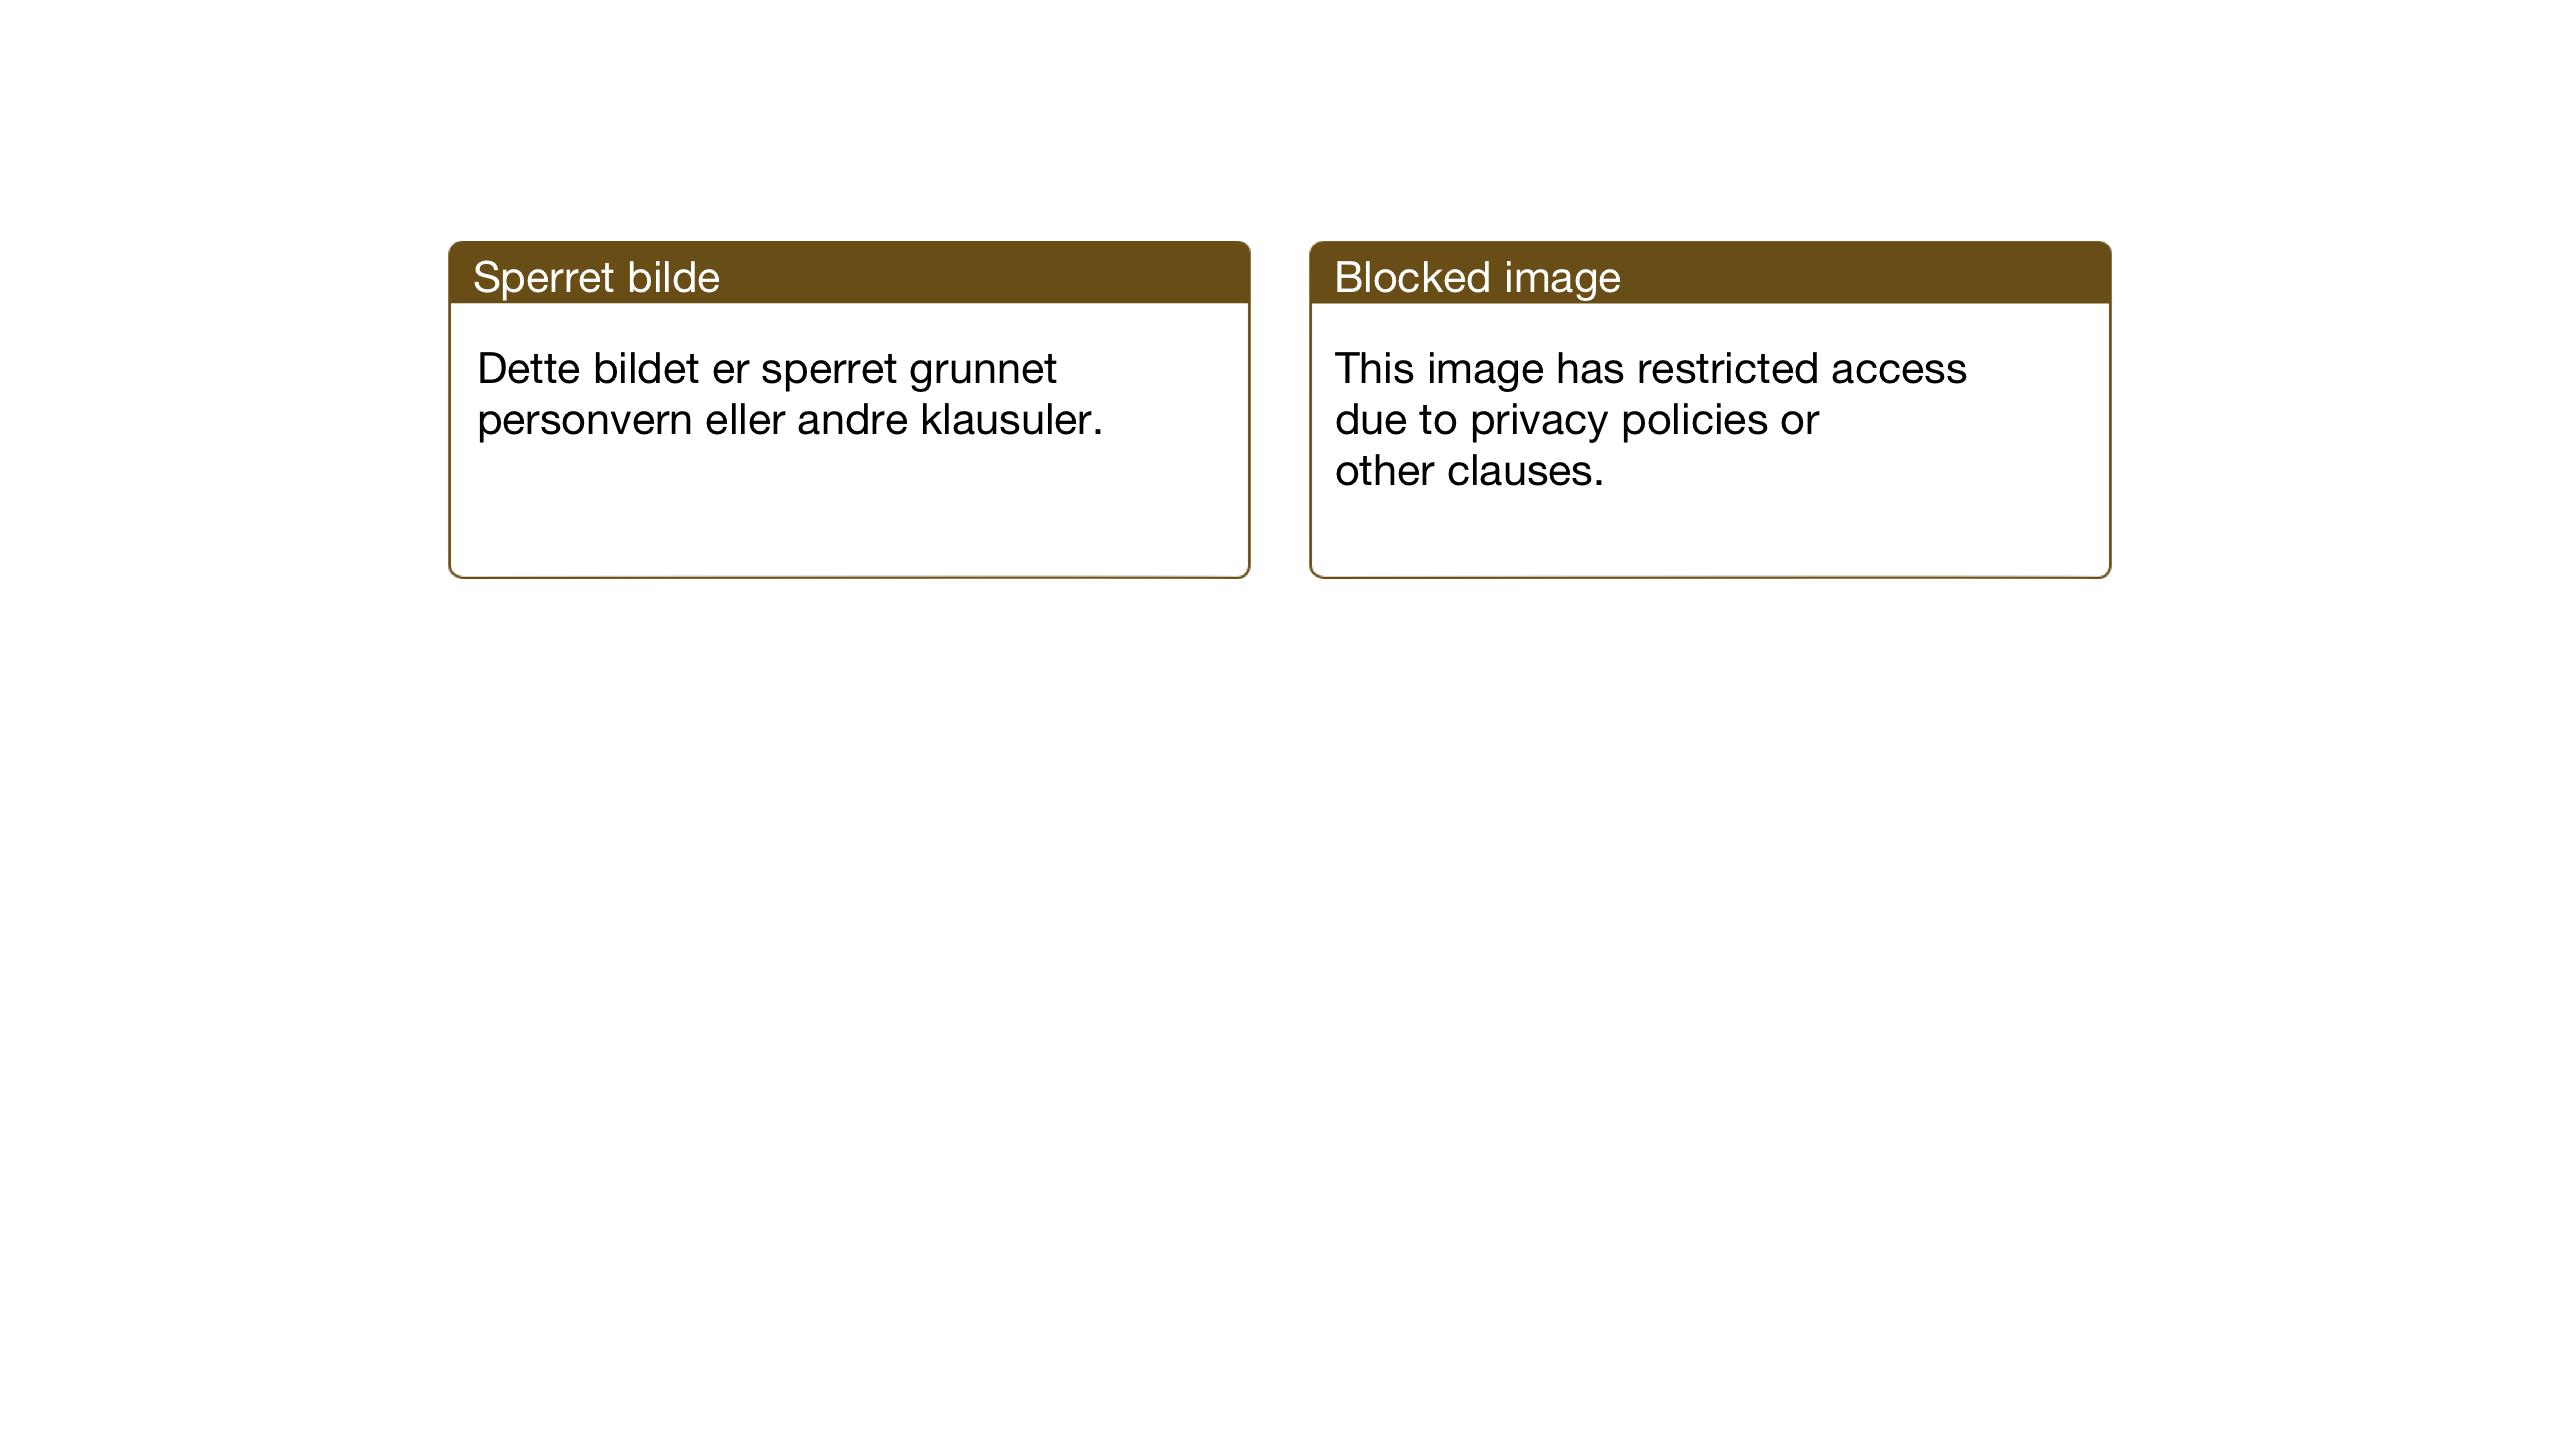 SAT, Ministerialprotokoller, klokkerbøker og fødselsregistre - Sør-Trøndelag, 674/L0878: Klokkerbok nr. 674C05, 1941-1950, s. 96